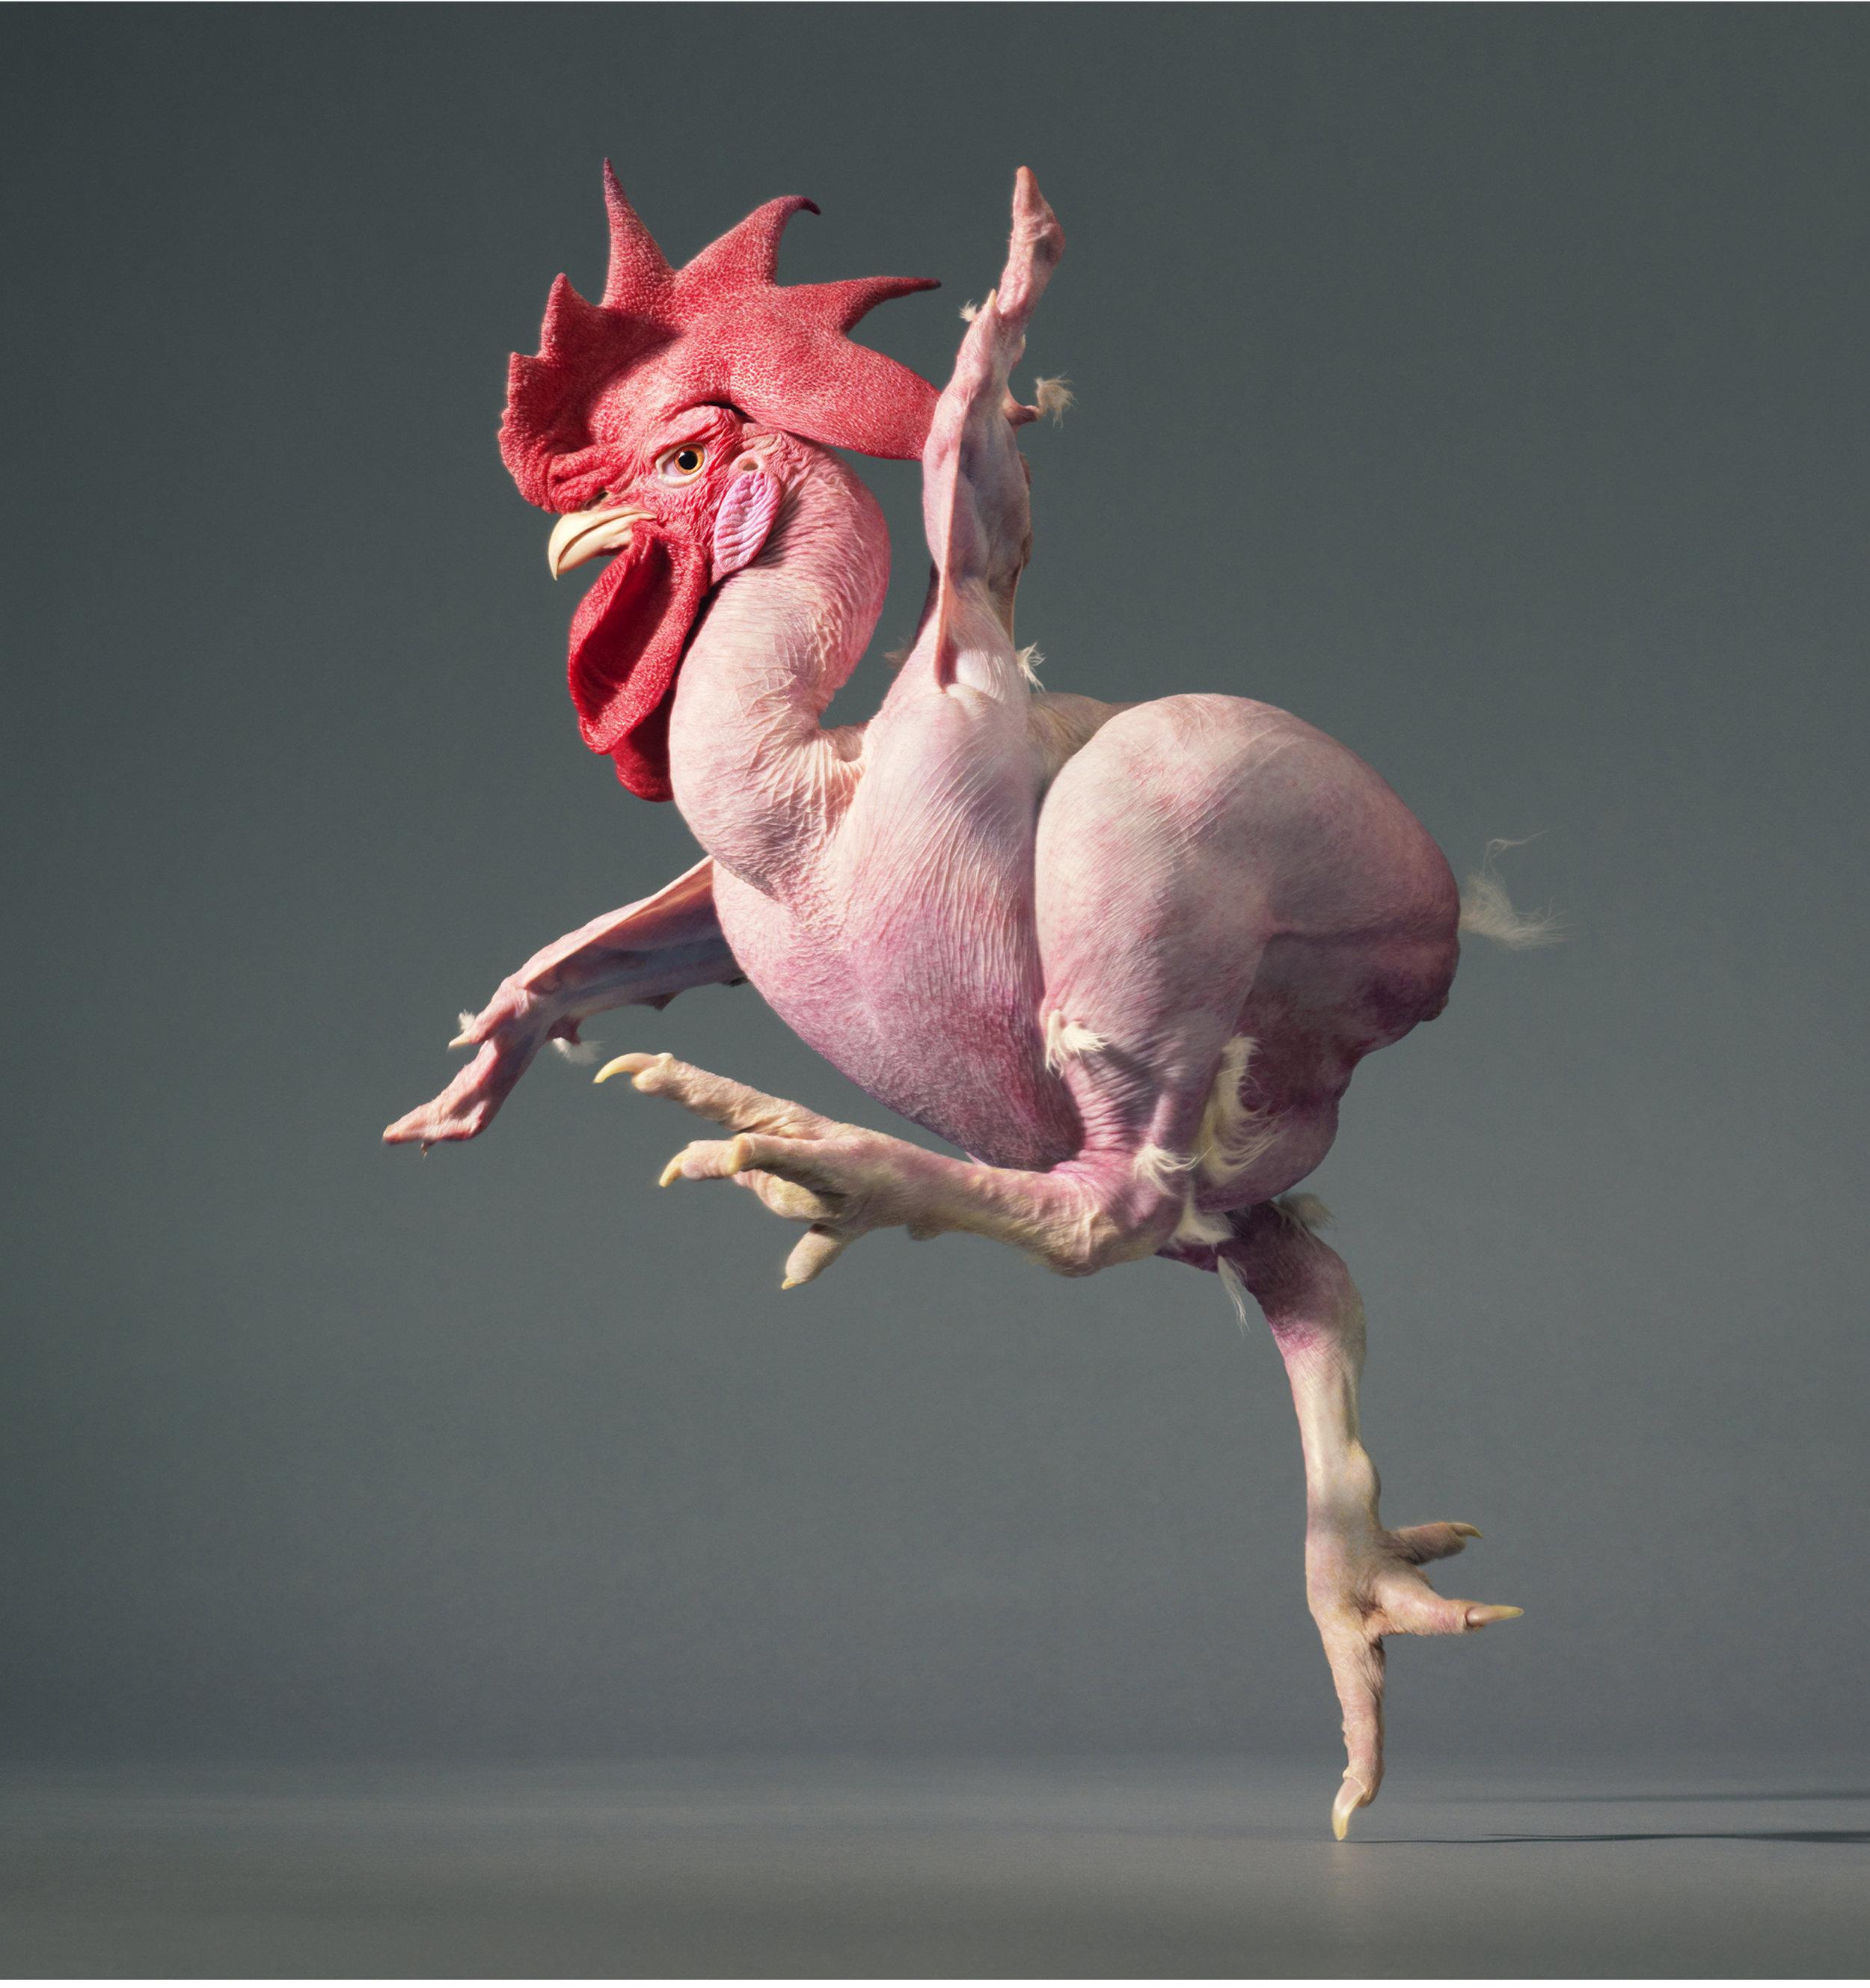 Featherless chicken by Tim Flach